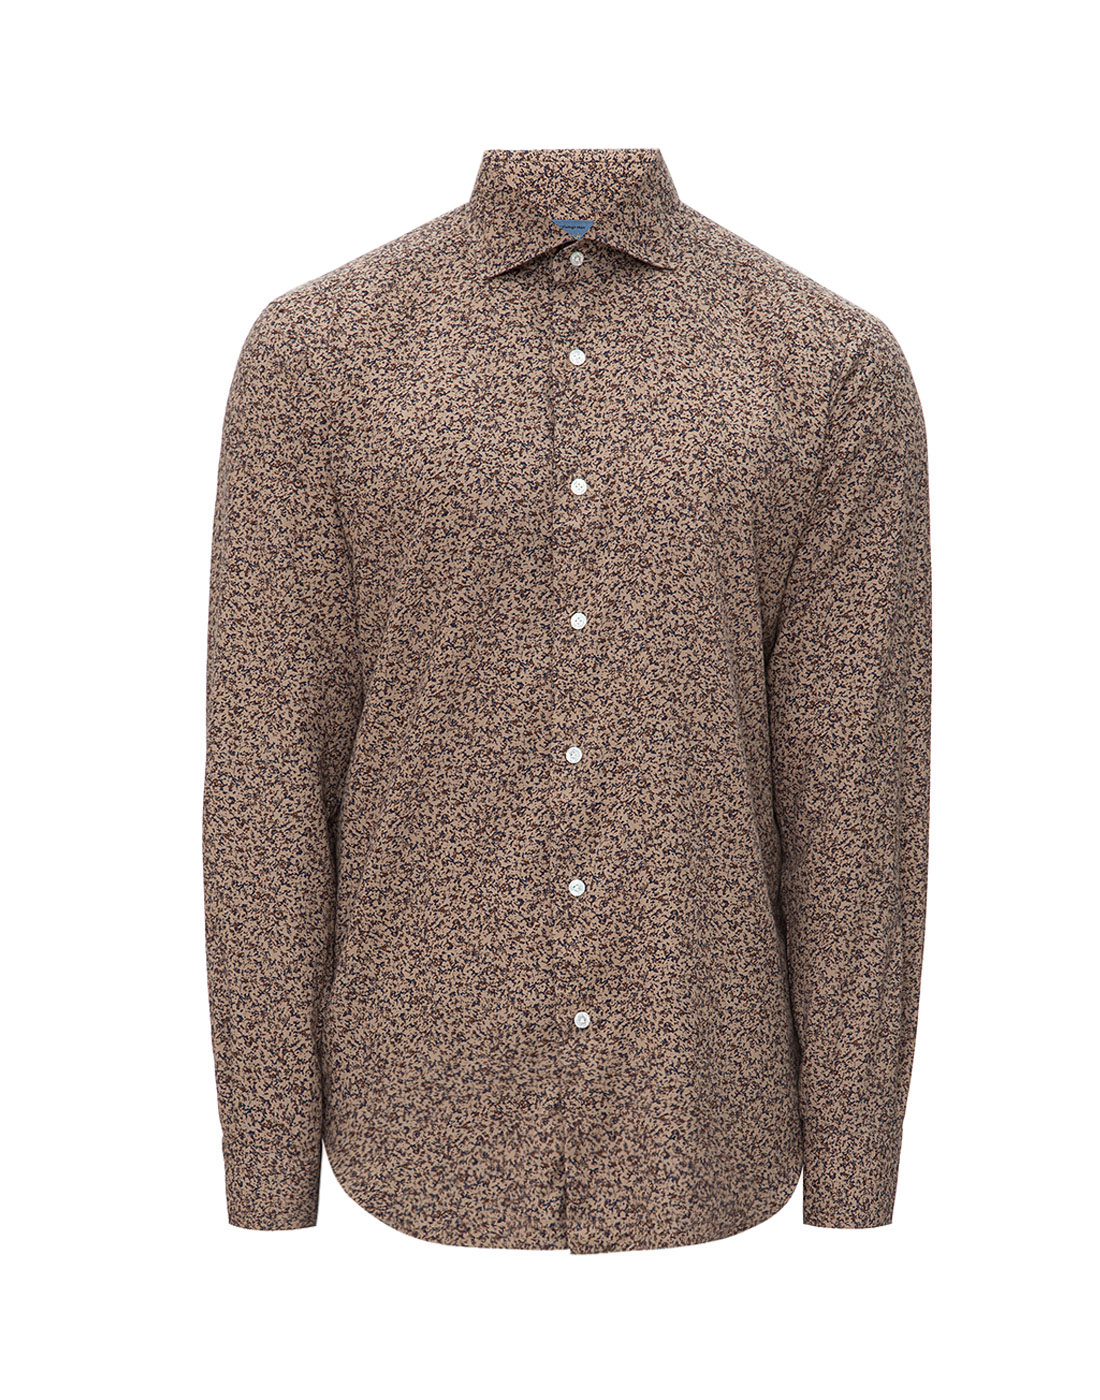 Мужская коричневая рубашка с принтом Barba SD2U133601602U-1